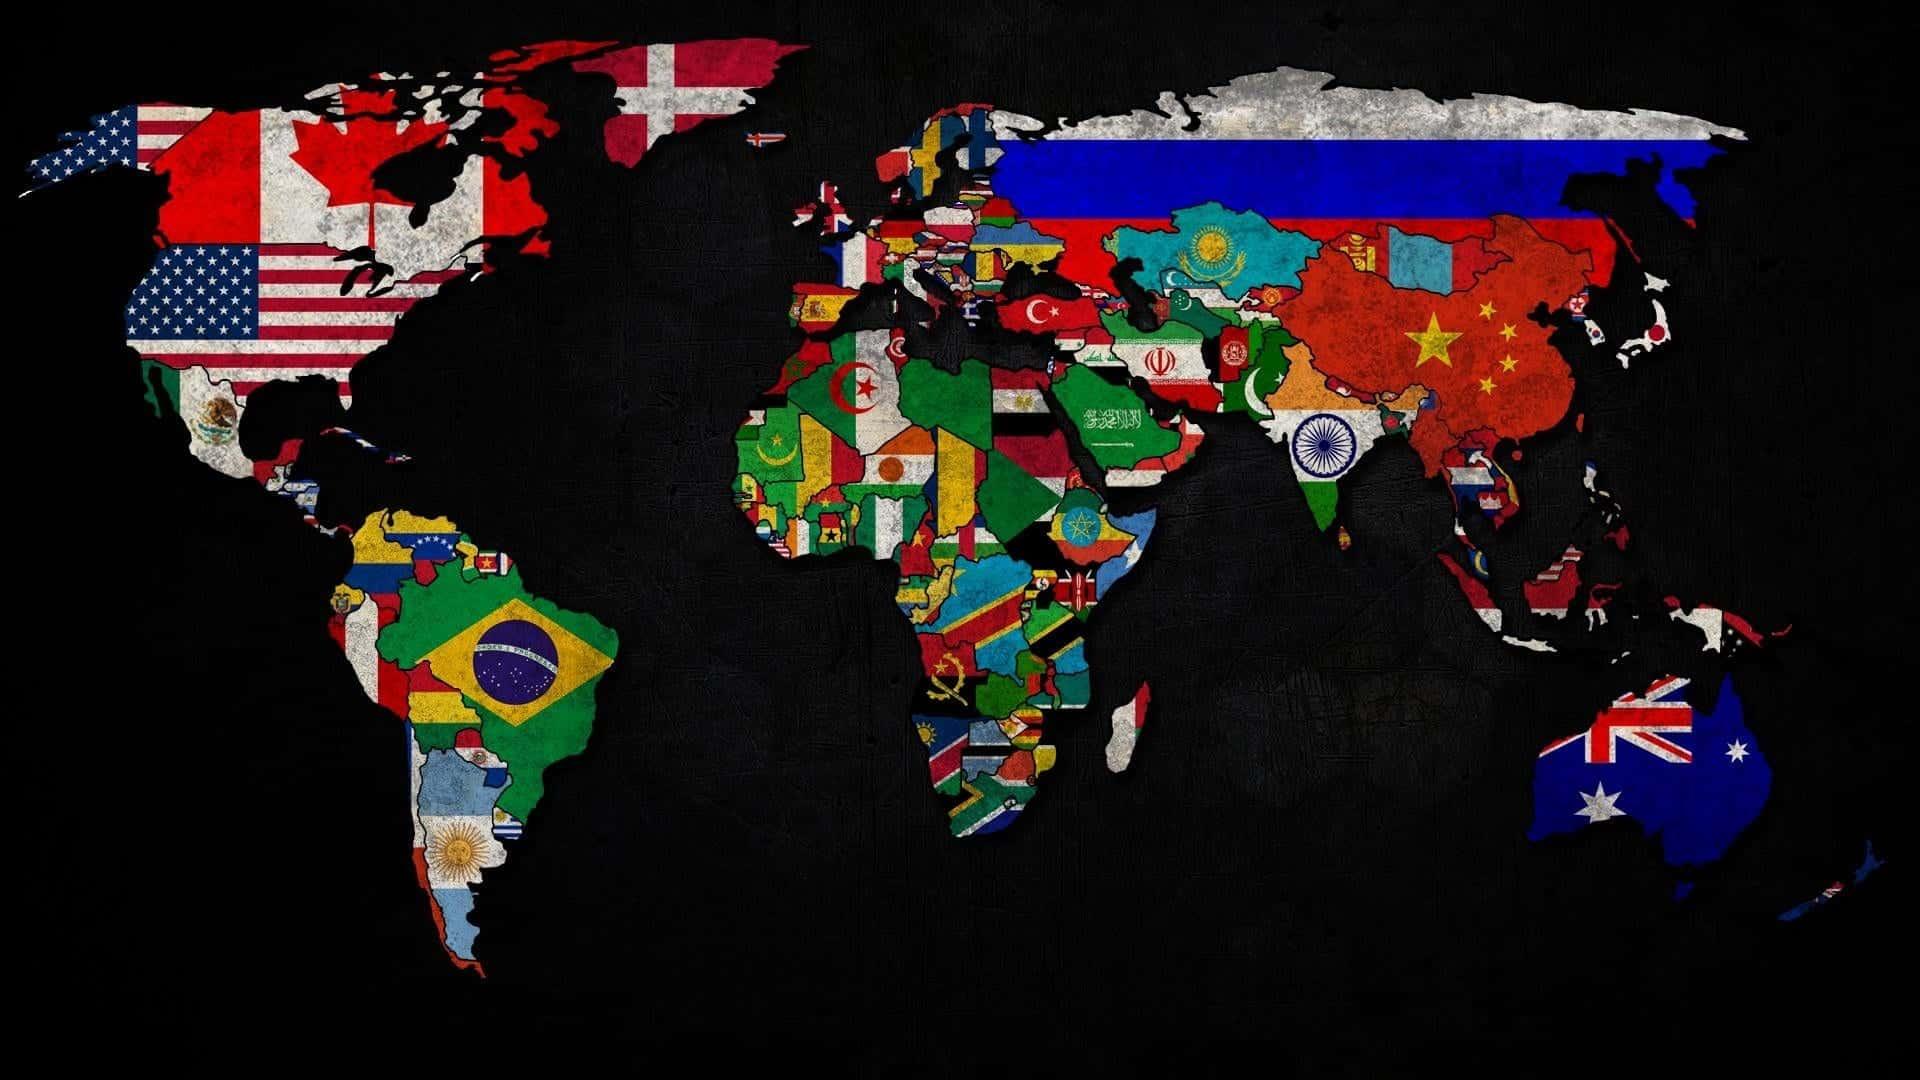 Menores países do mundo - Conheça 15 vencedores dessa lista